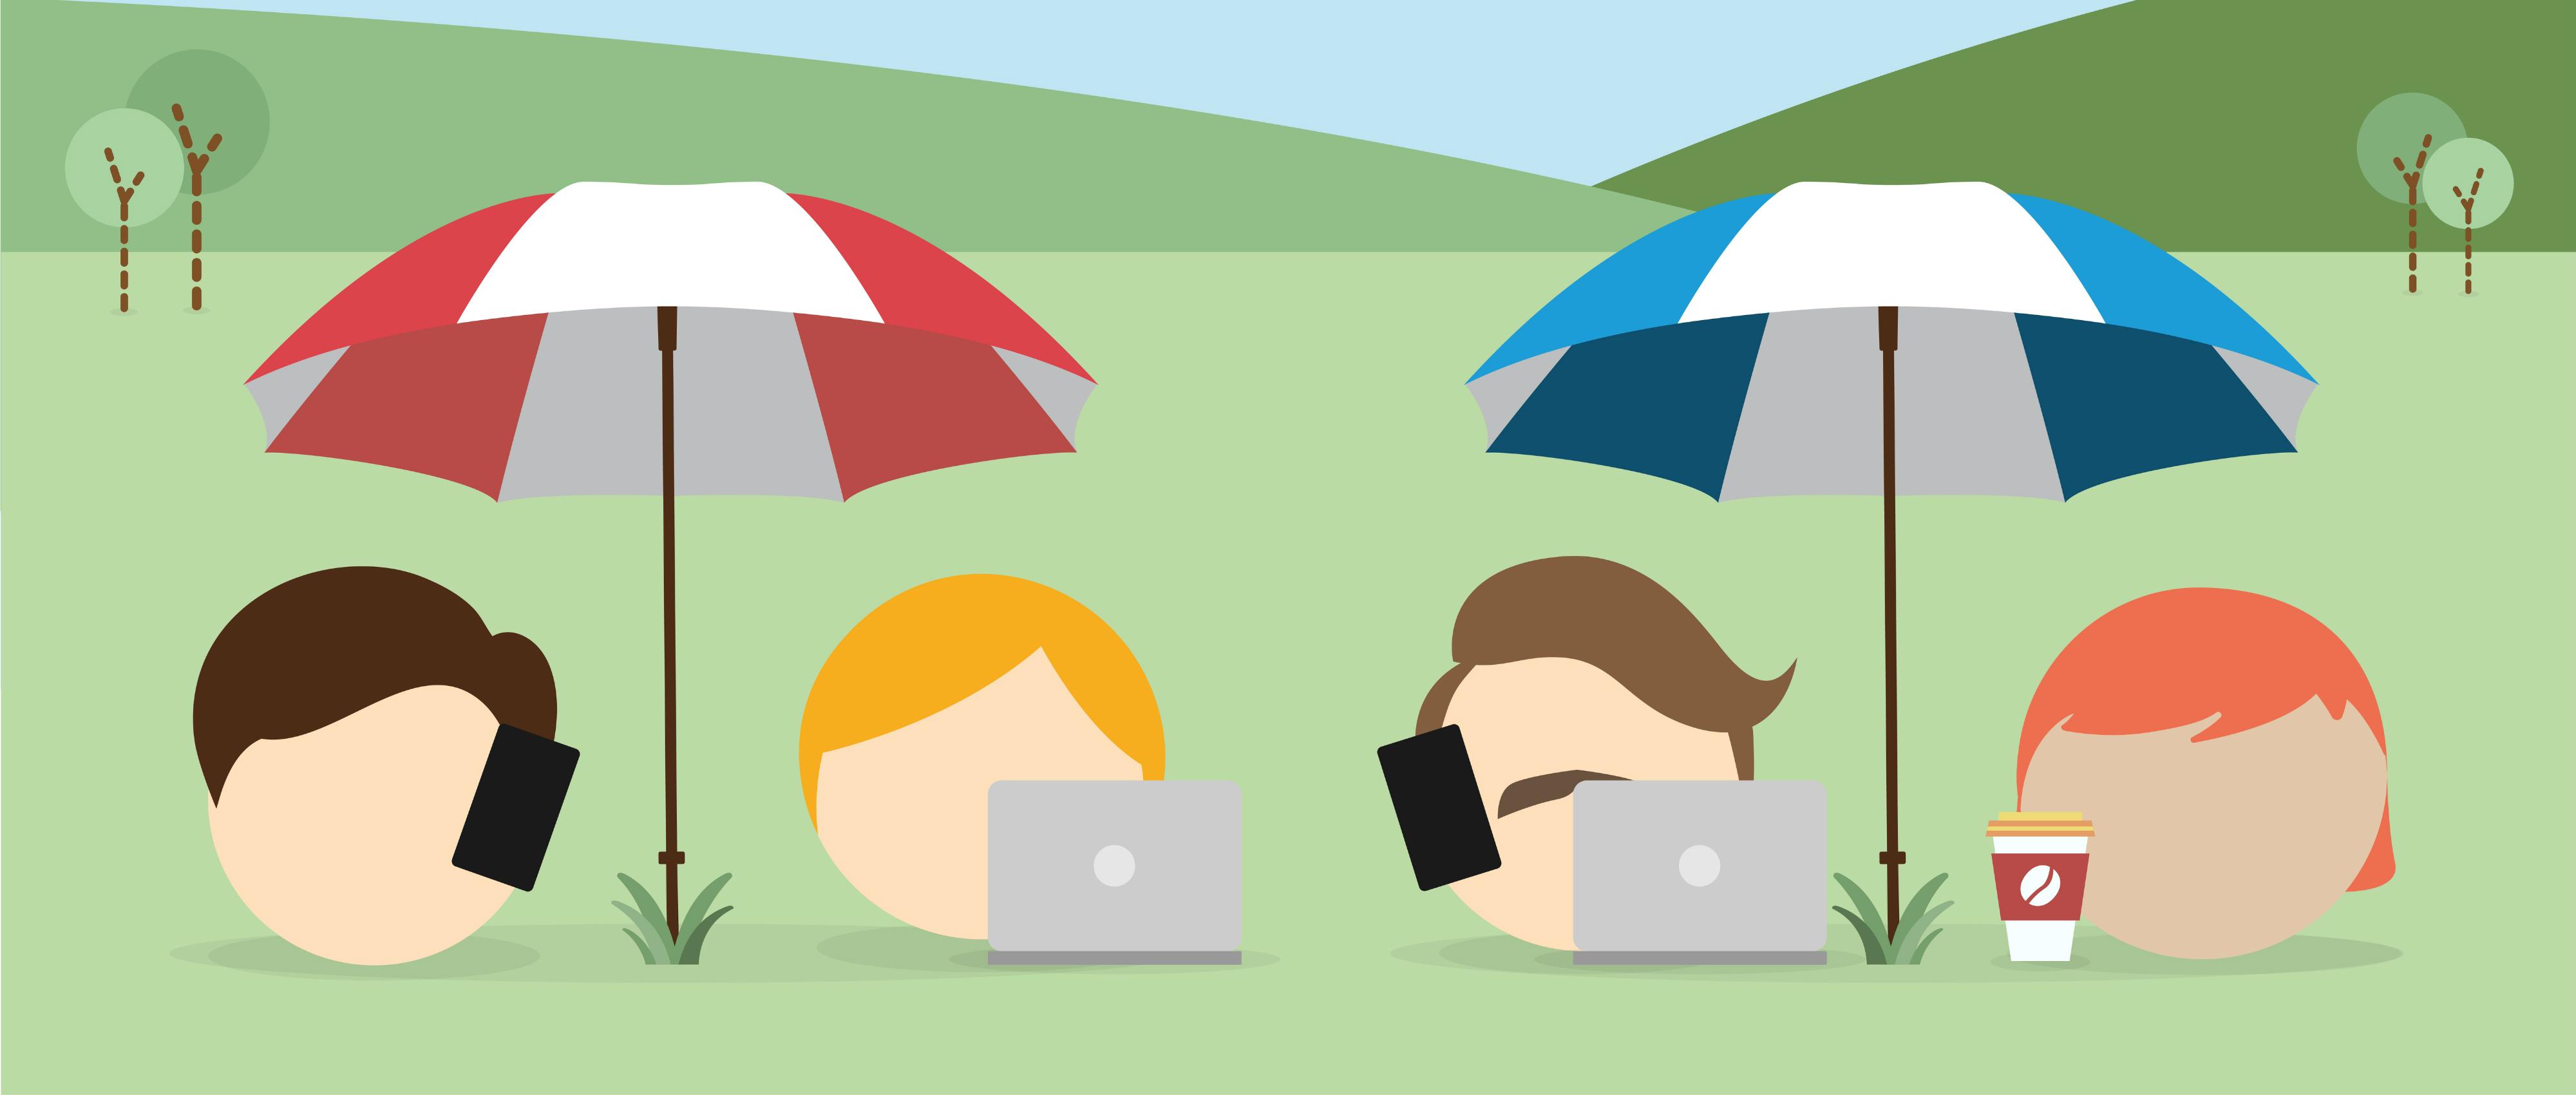 Umbrella or PAYE?.